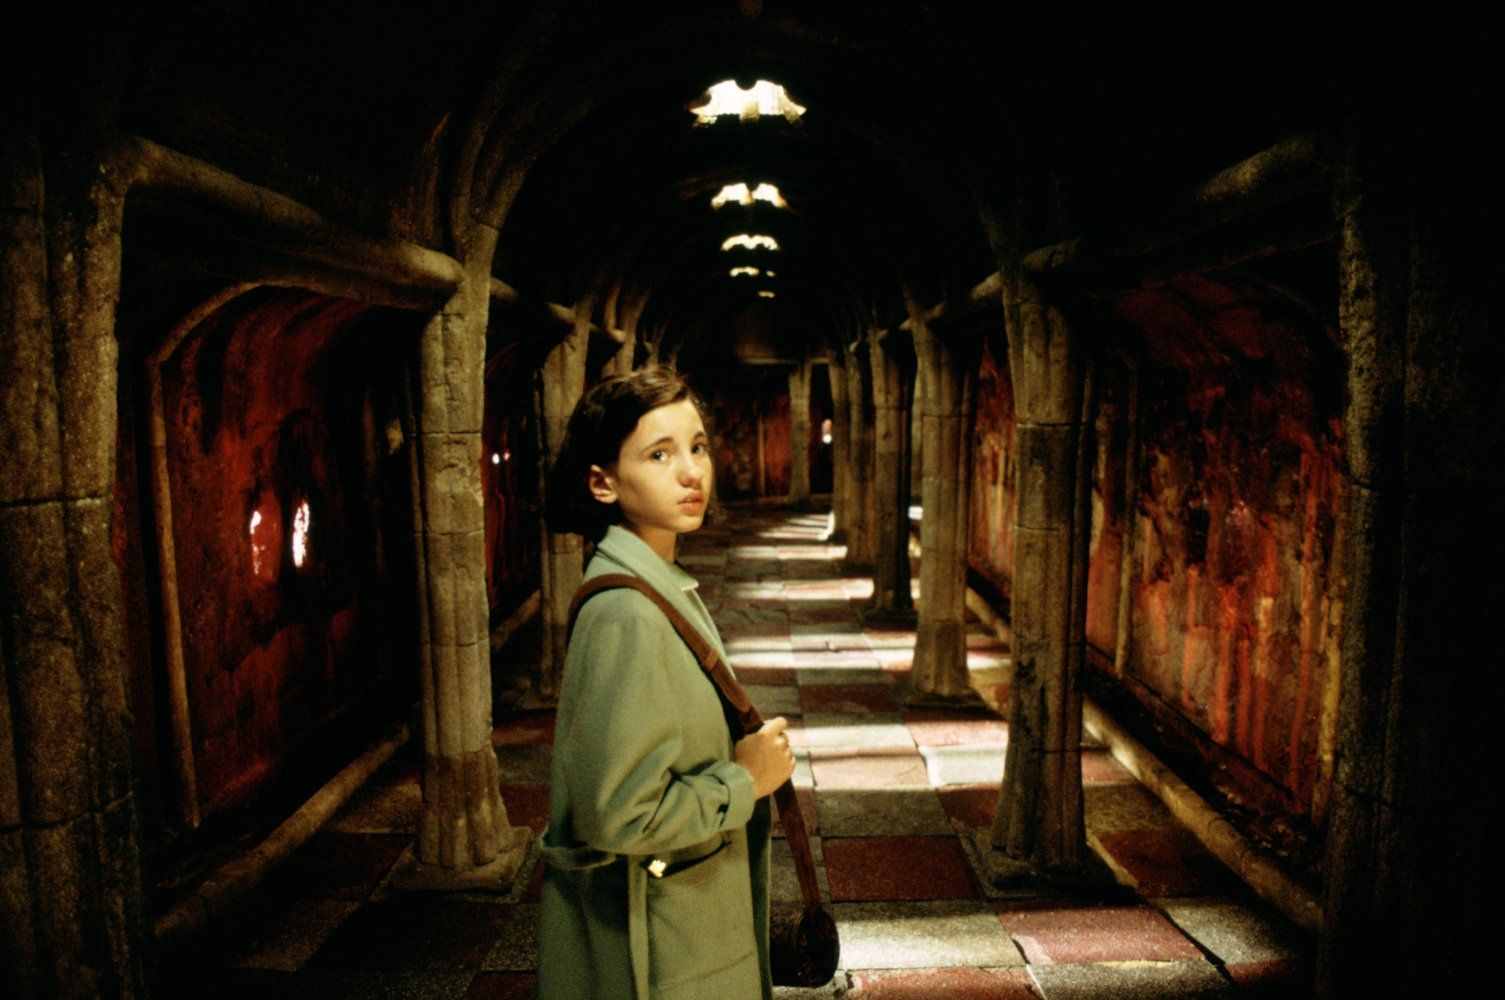 O Labirinto do Fauno (2006) ****  O Labirinto do Fauno é um filme mexicano e espanhol de 2006, do gênero suspense, dirigido por Guillermo del Toro.